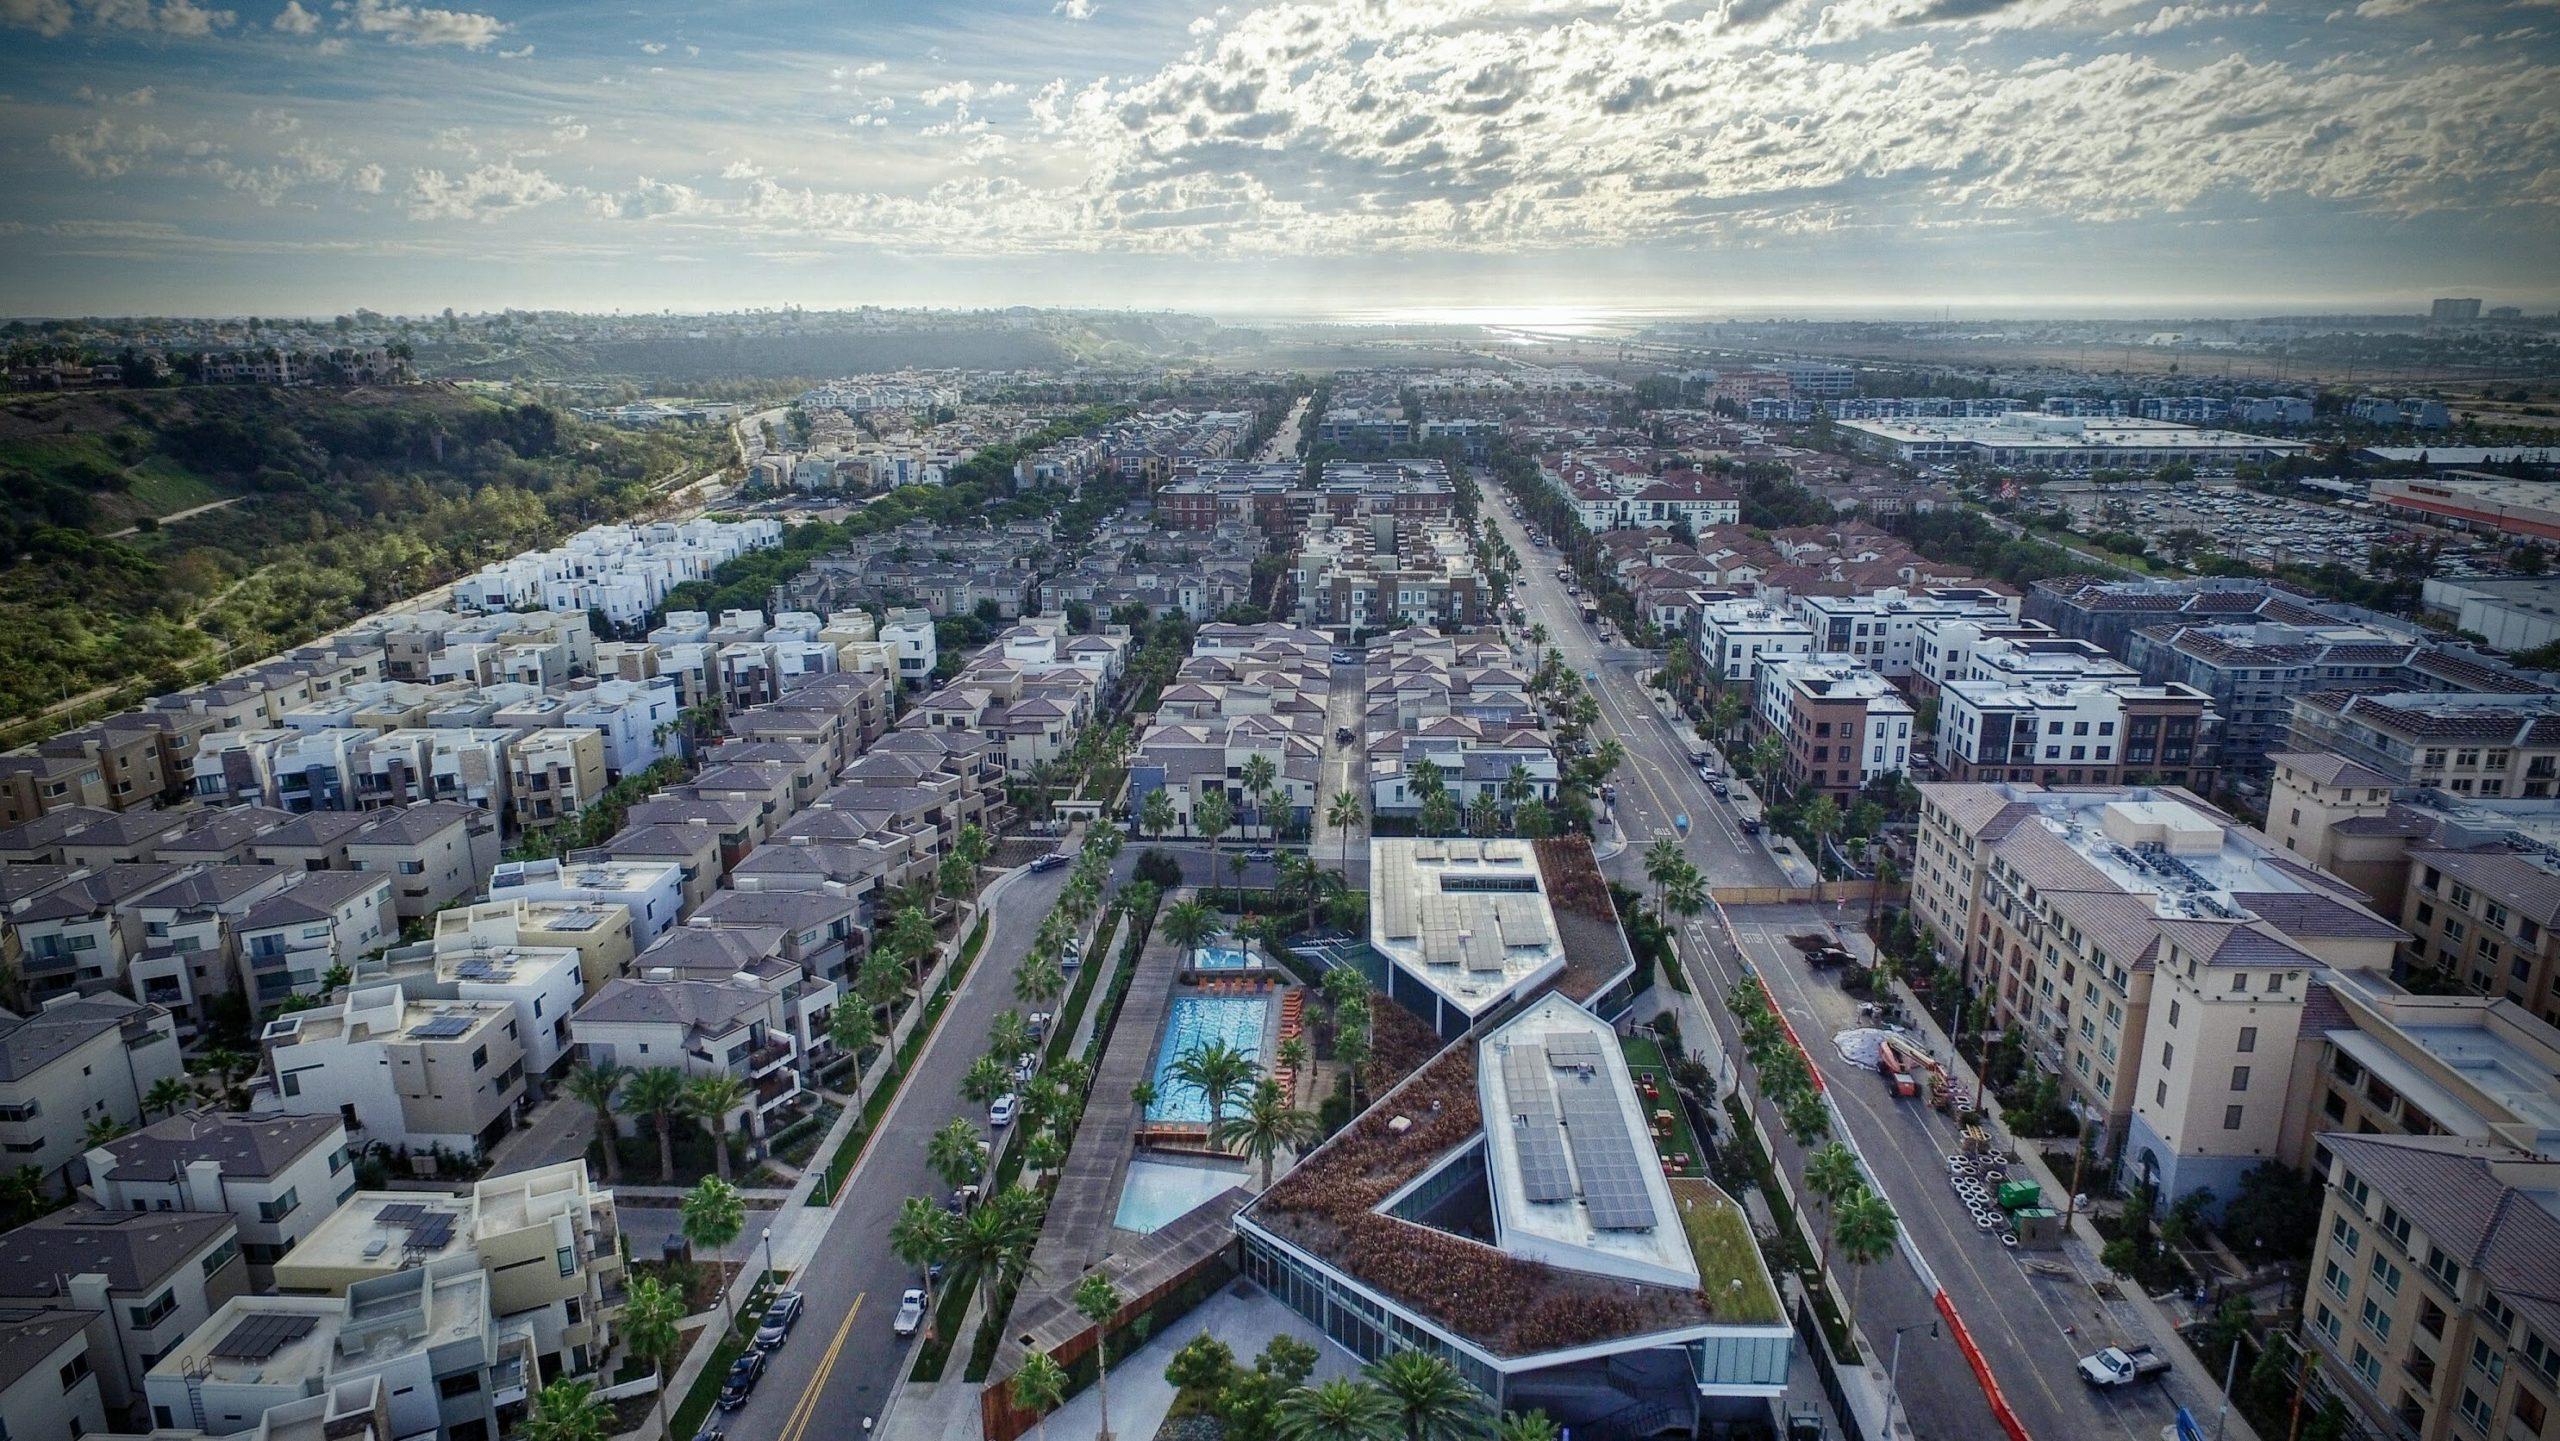 View of Playa Vista CA